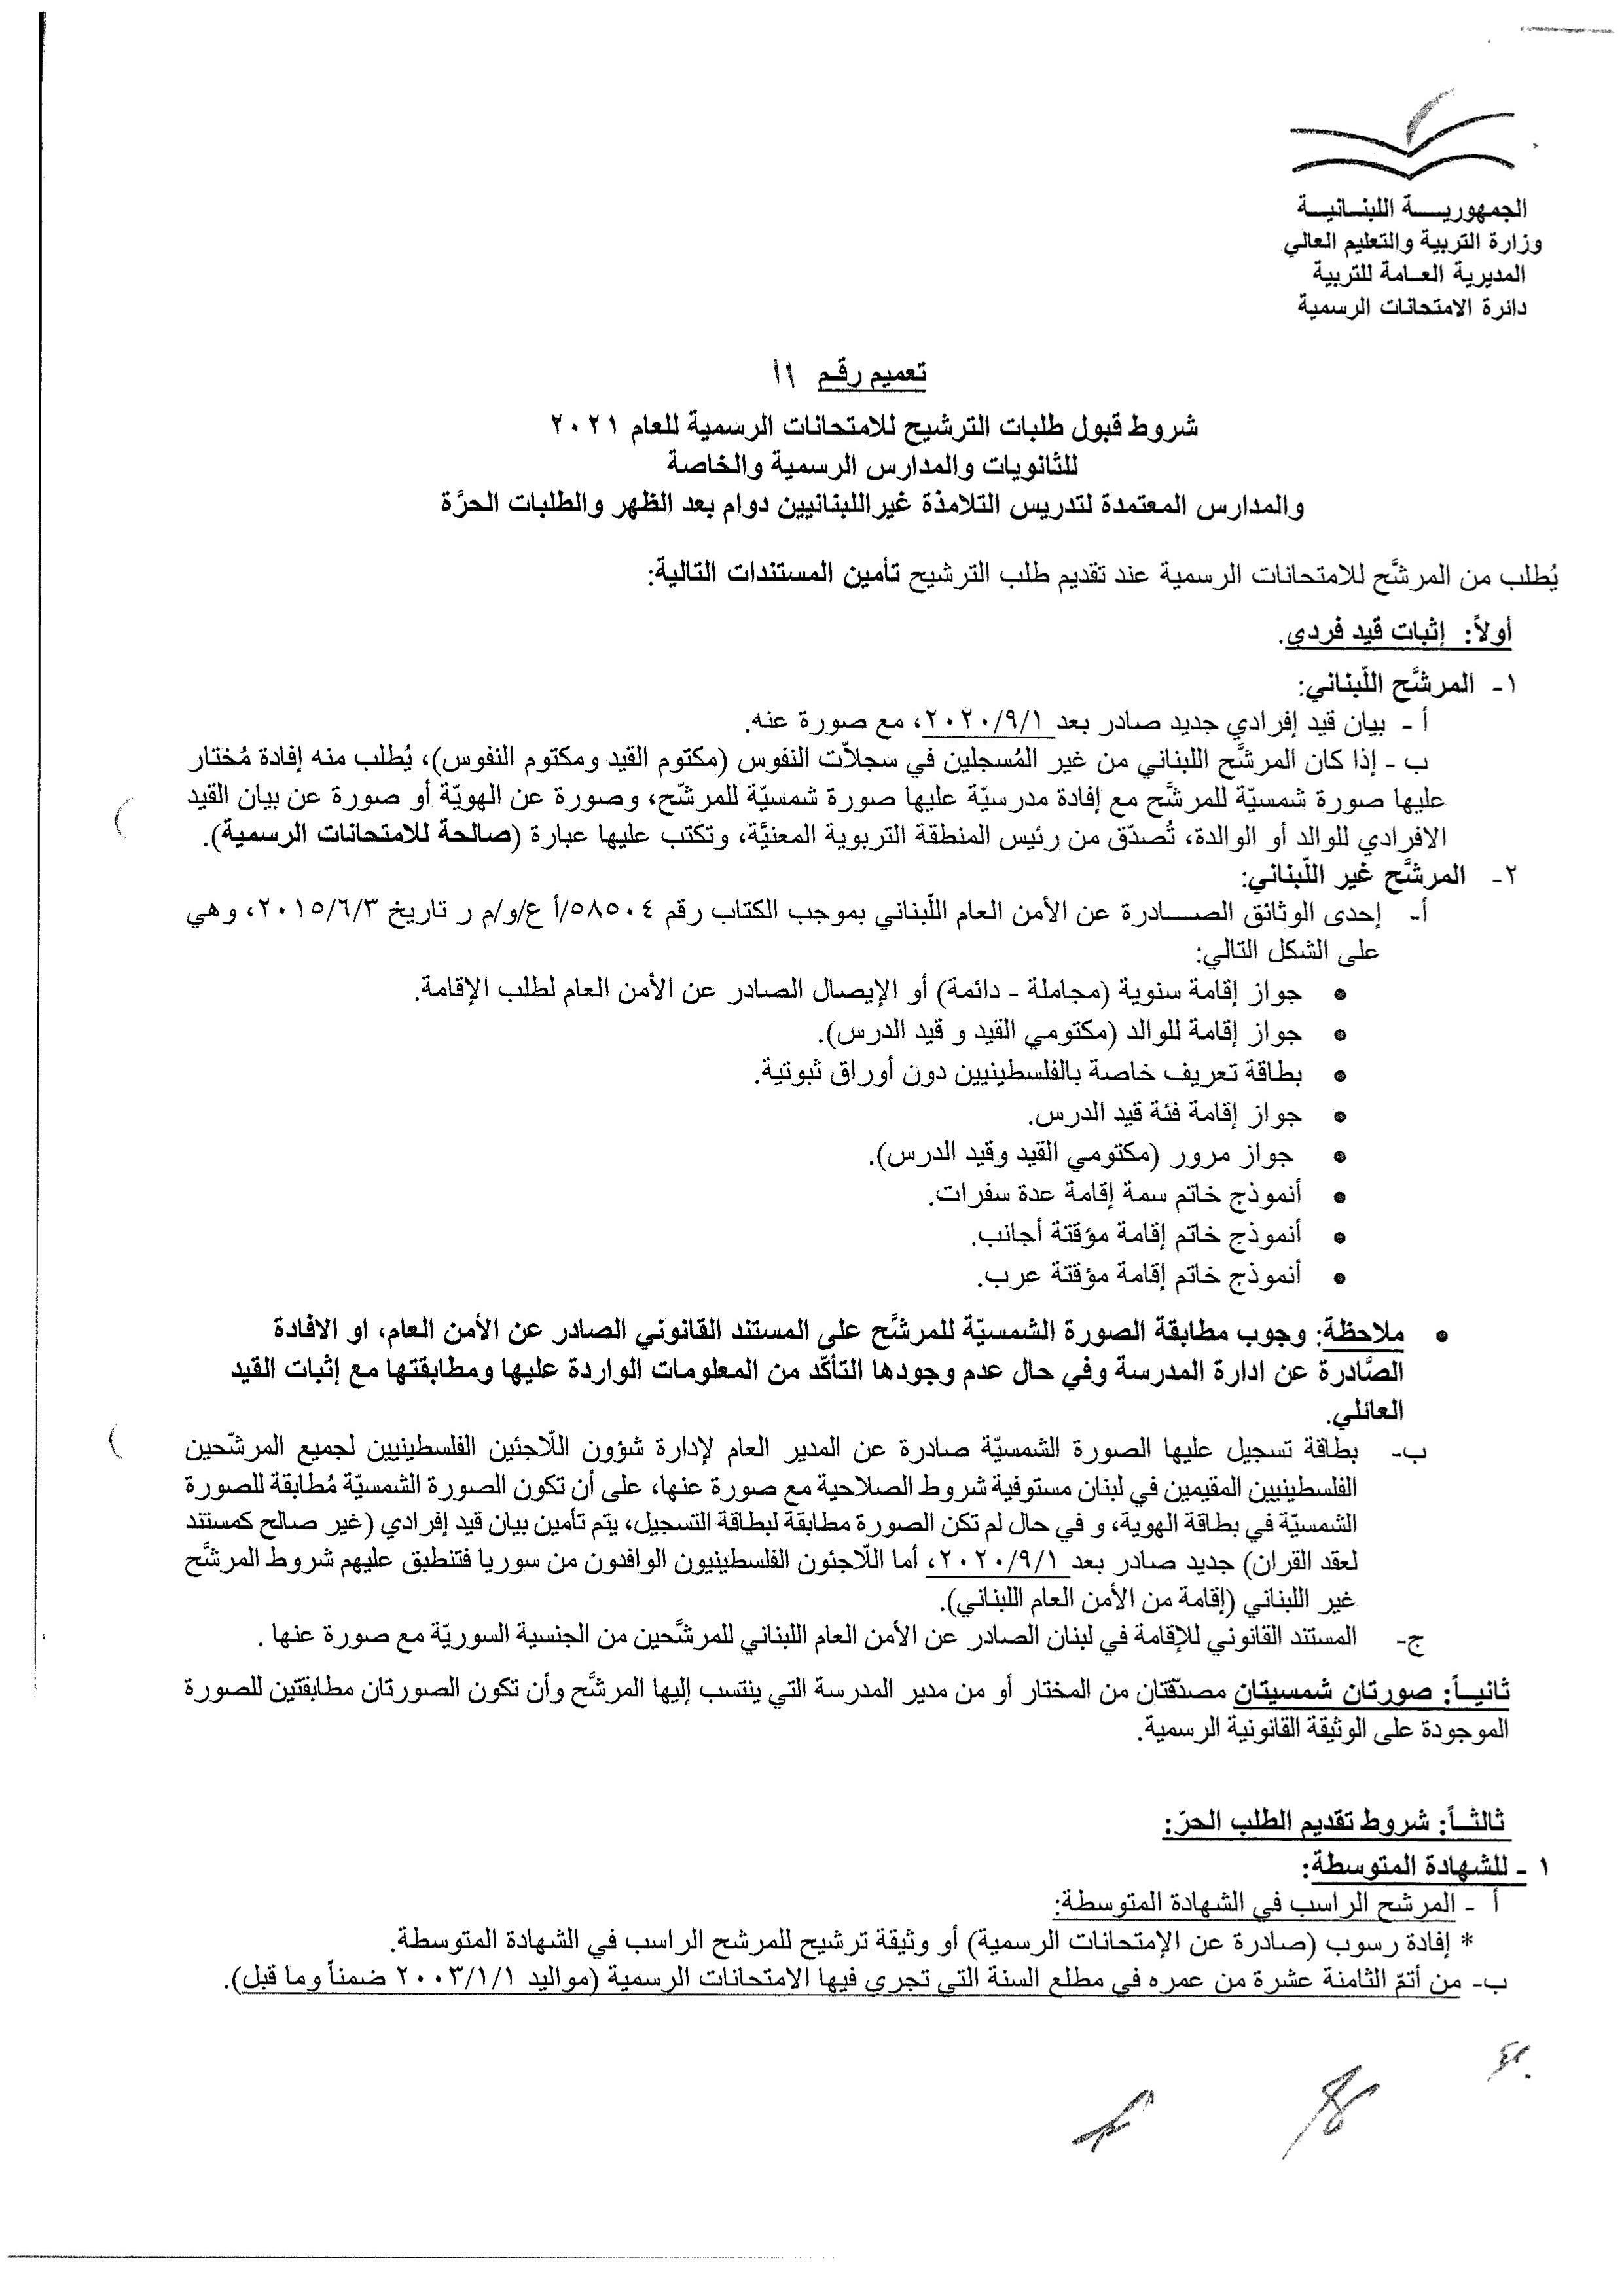 تعميم من وزارة التربية حول شروط قبول طلبات الترشيح للامتحانات الرسمية